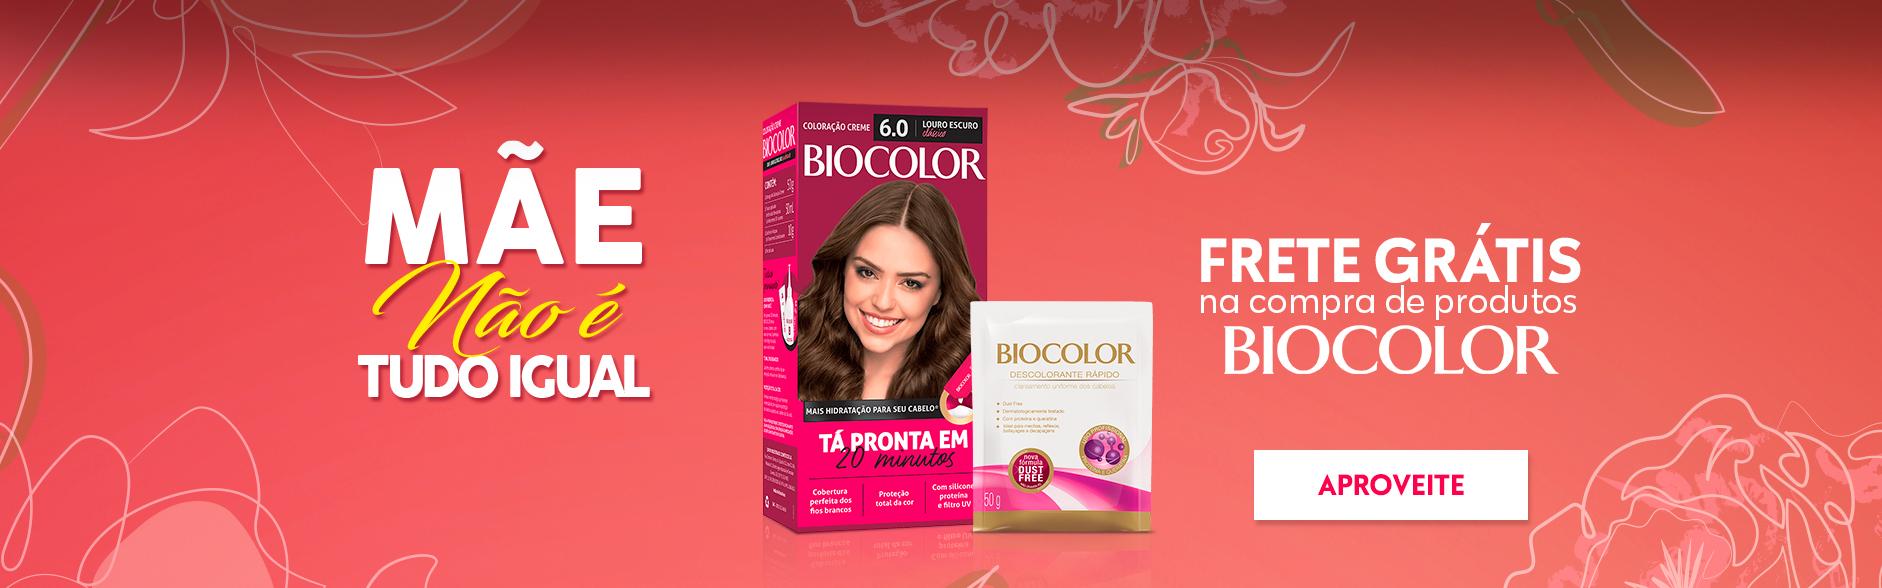 Biocolor Frete